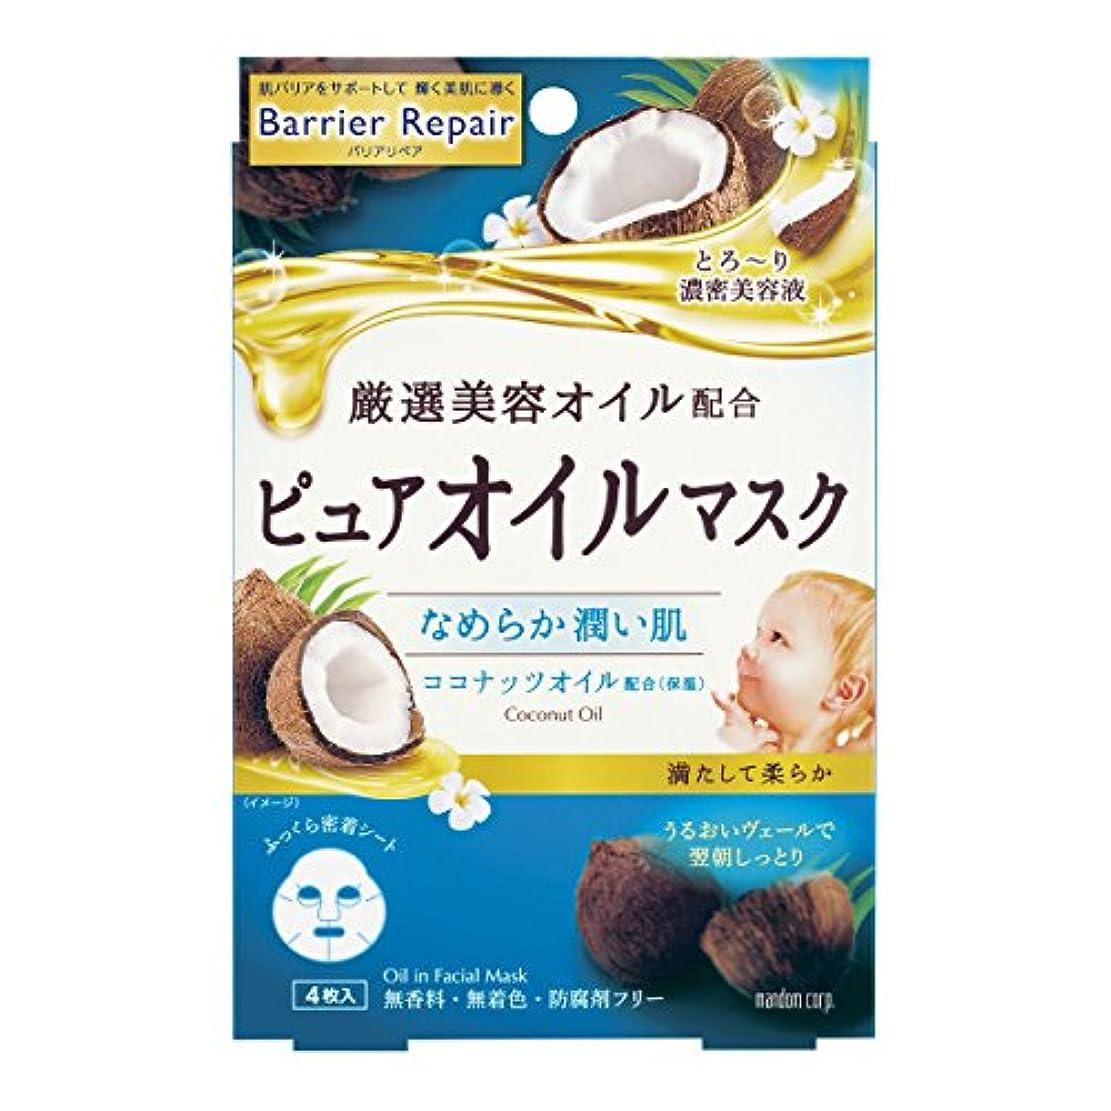 浴室マトン羽バリアリペア ピュアオイルマスク ココナッツオイル 4枚